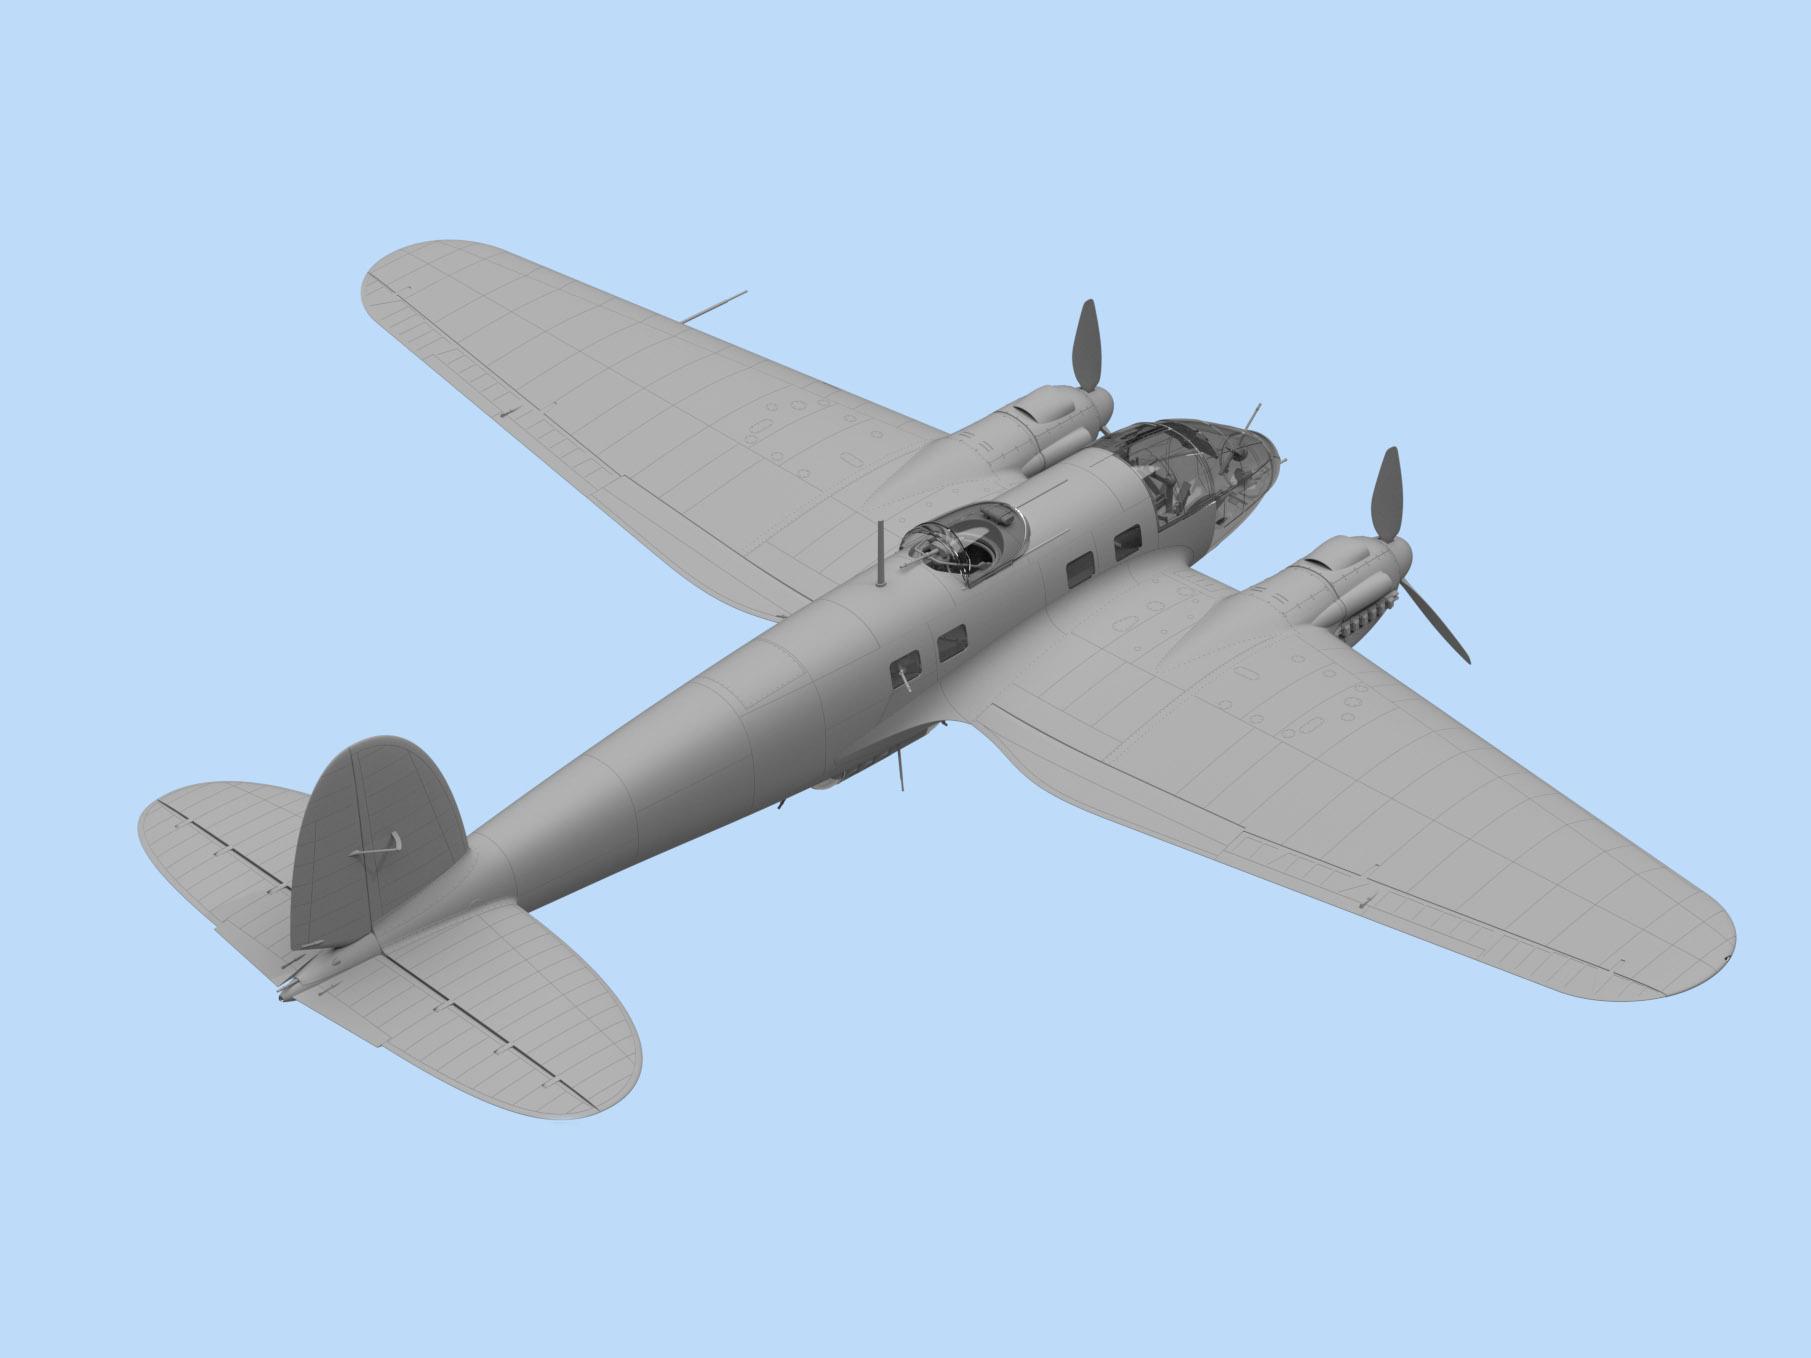 1519716490_heinkel-111-h6-render-2